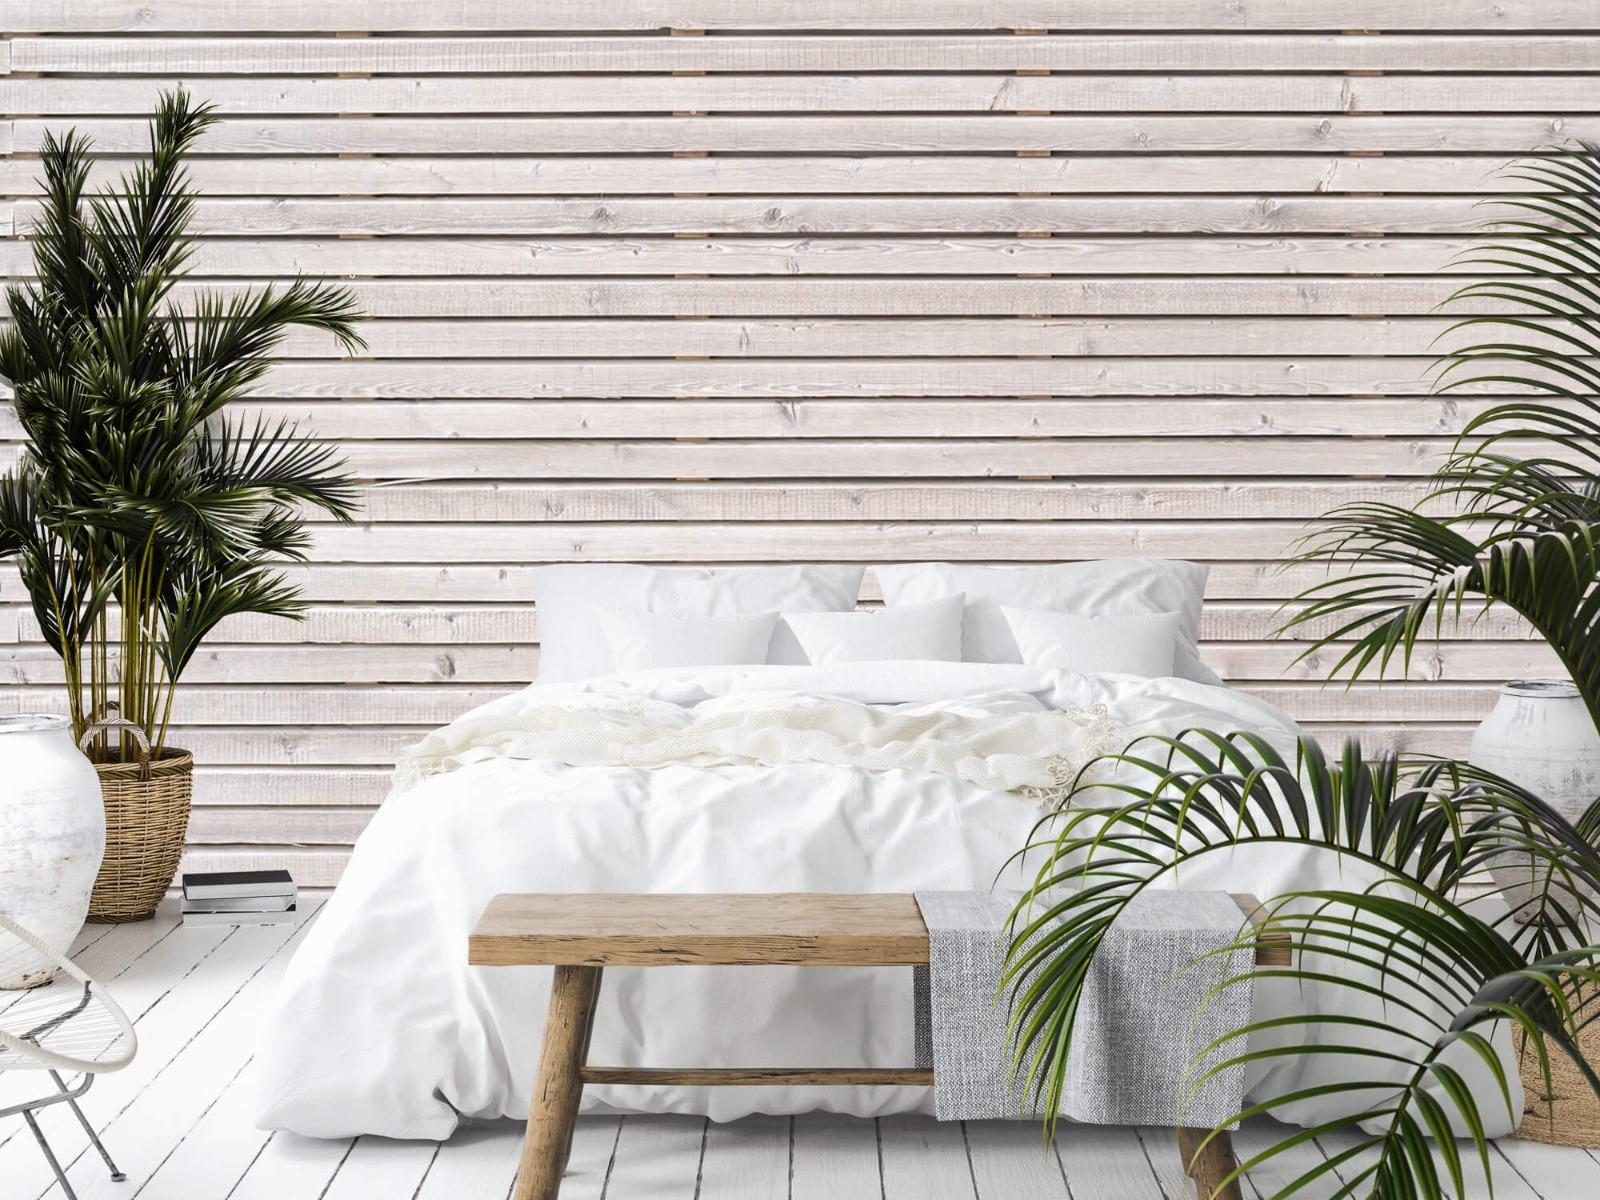 Hout behang - Horizontale planken - Wallexclusive - Woonkamer 15